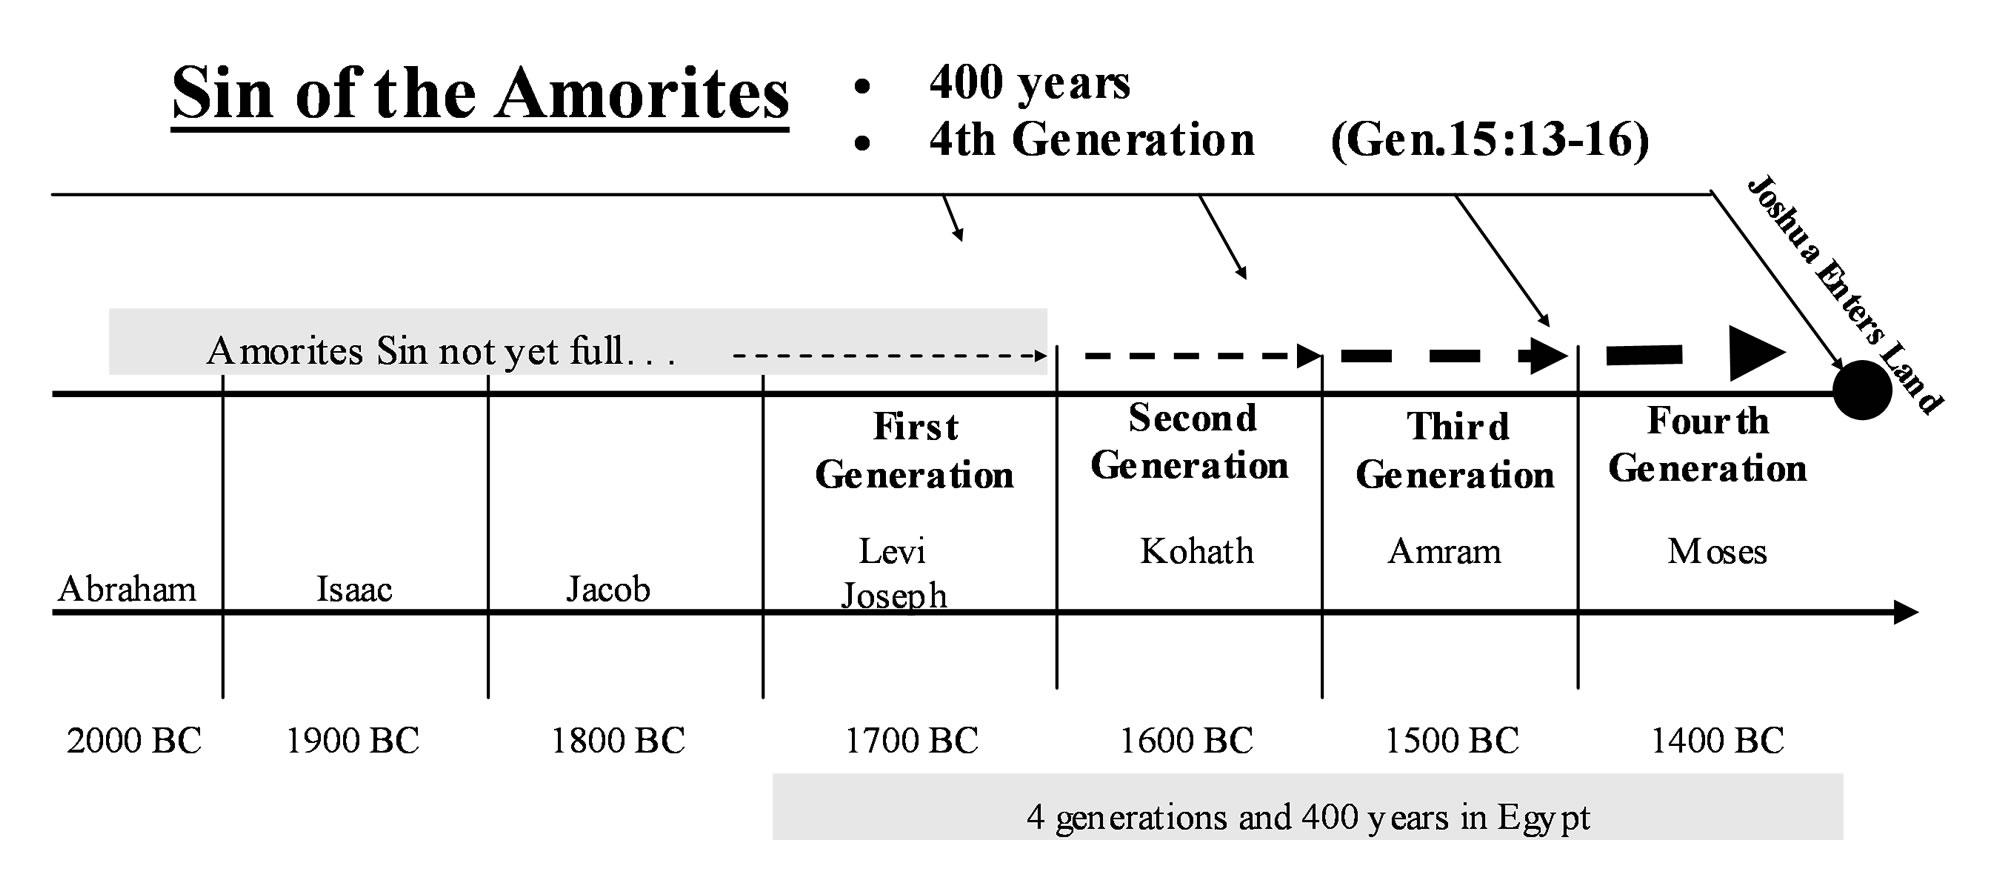 Index Of Devotions Photos Diagrams Diagrams July Diagrams